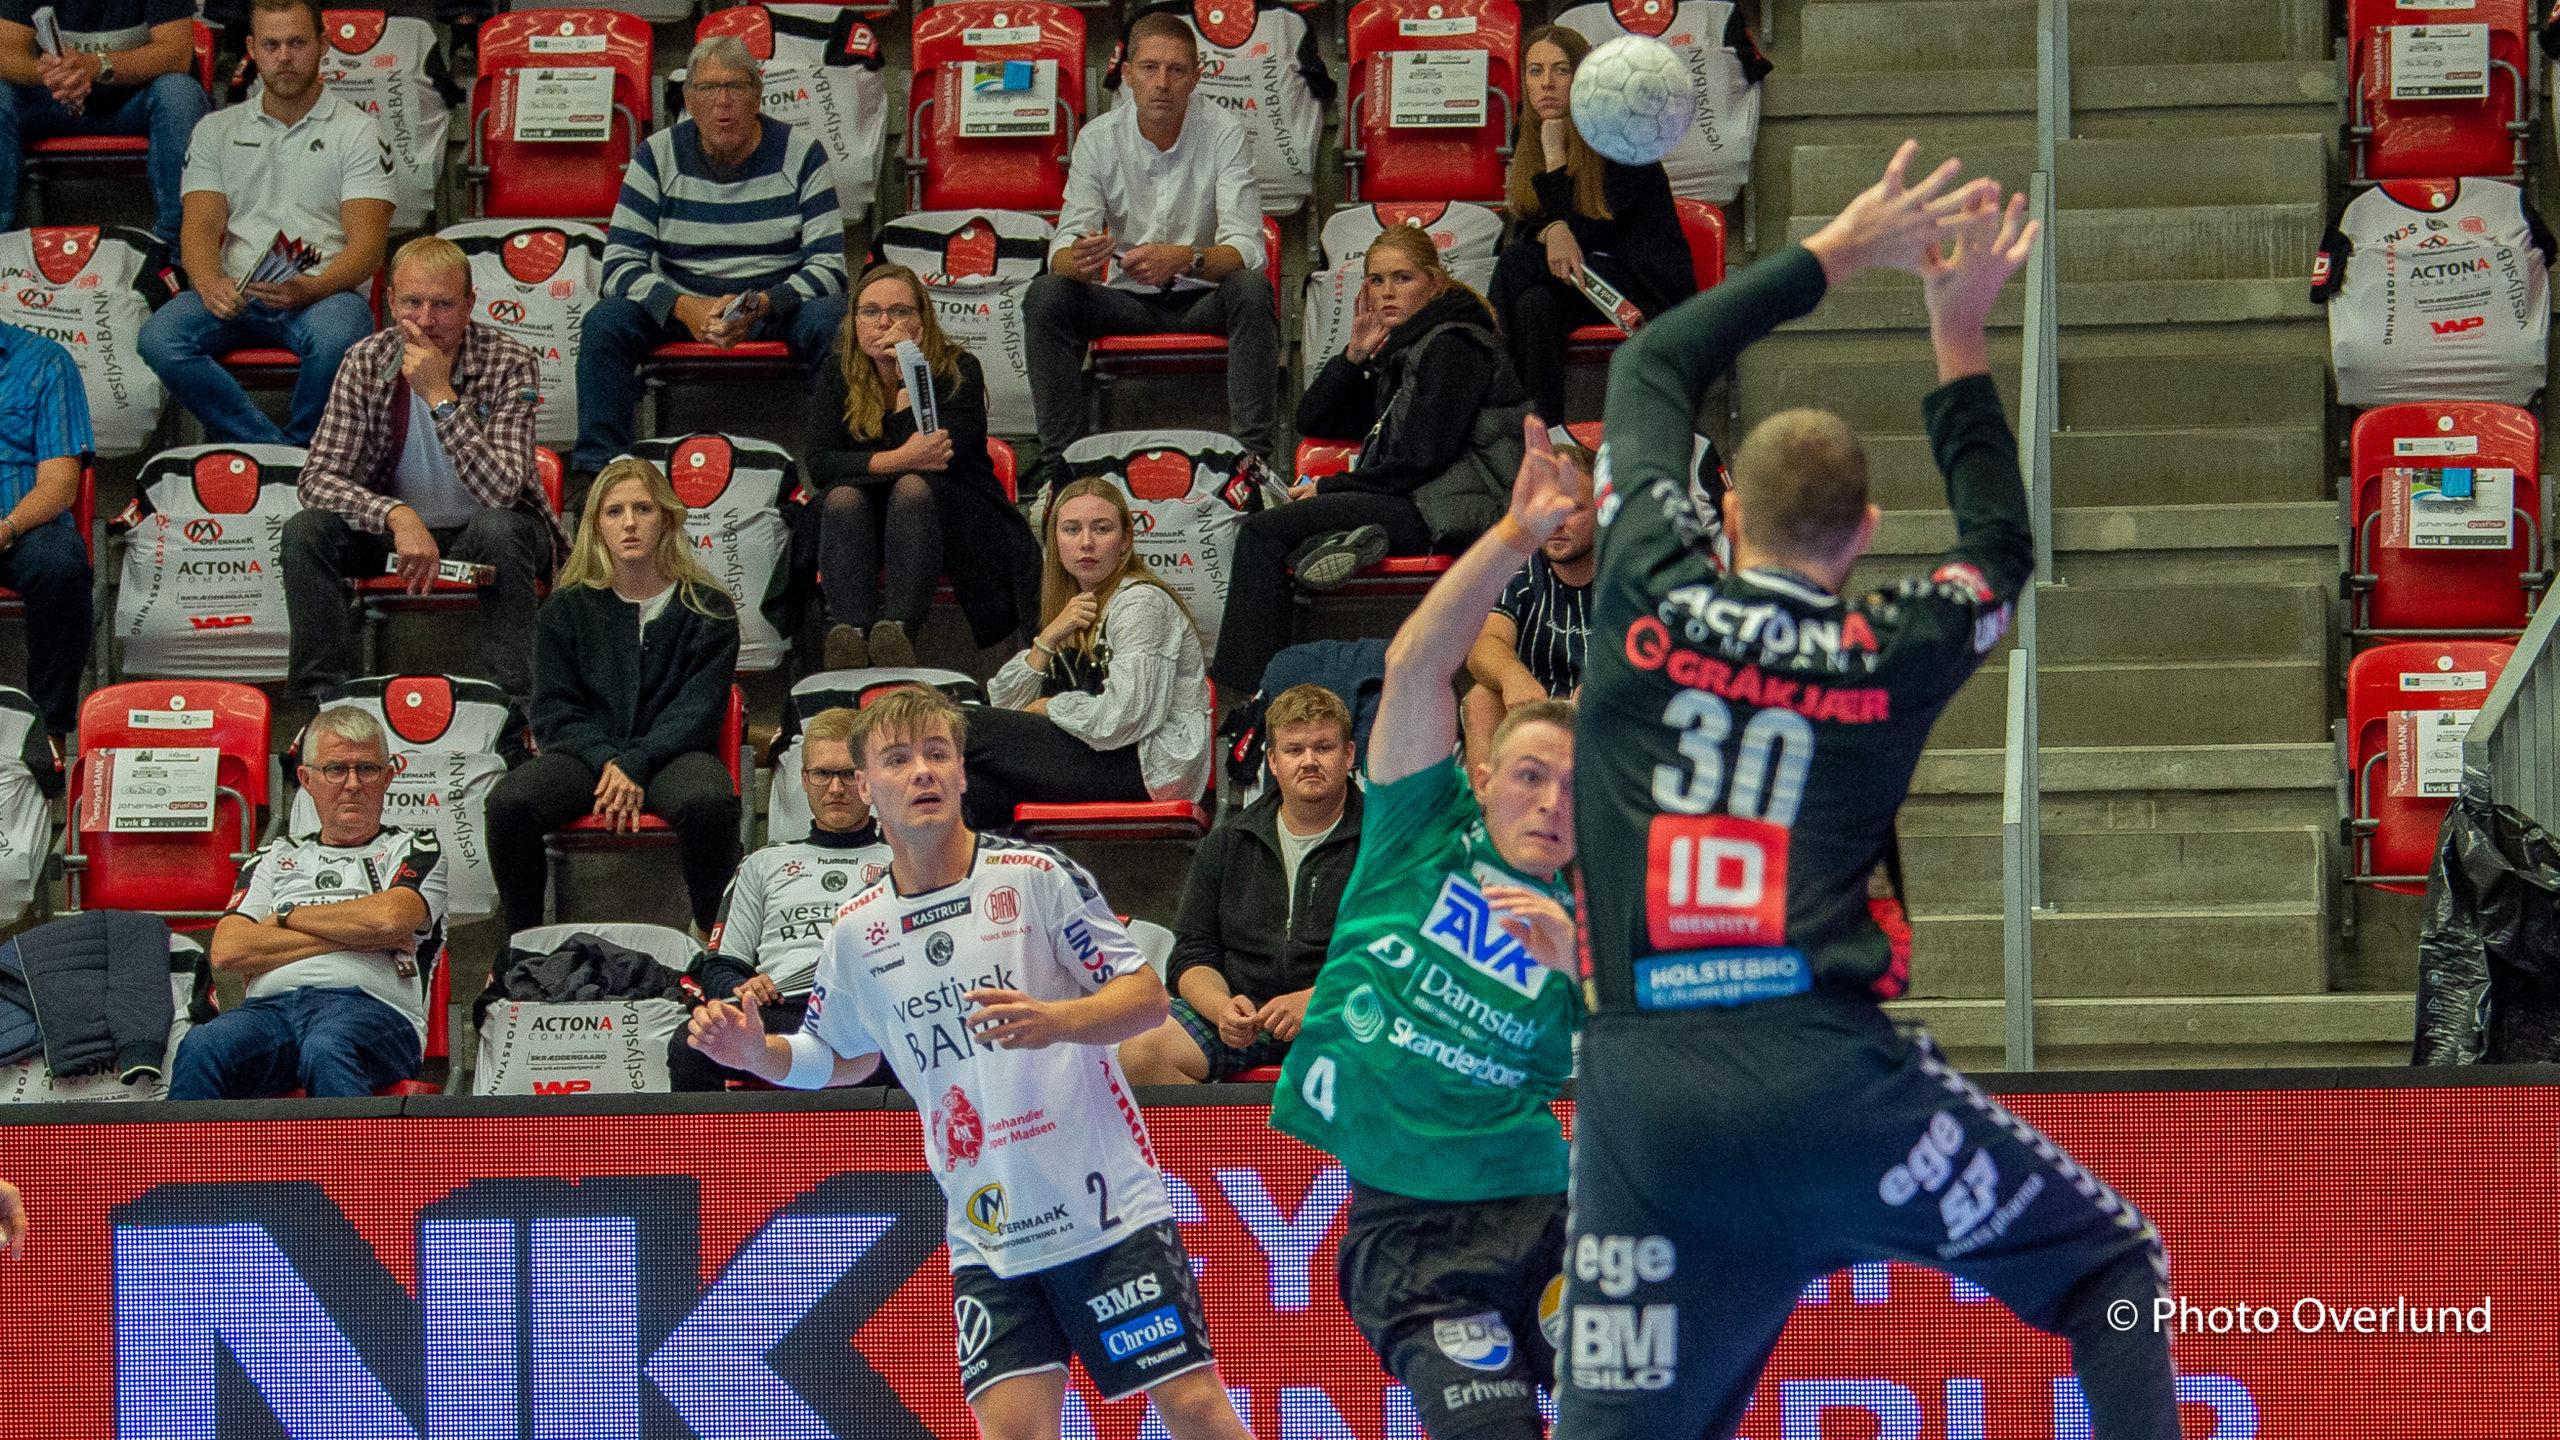 Massiv pokaldækning på Hbold.dk med live, interviews og...